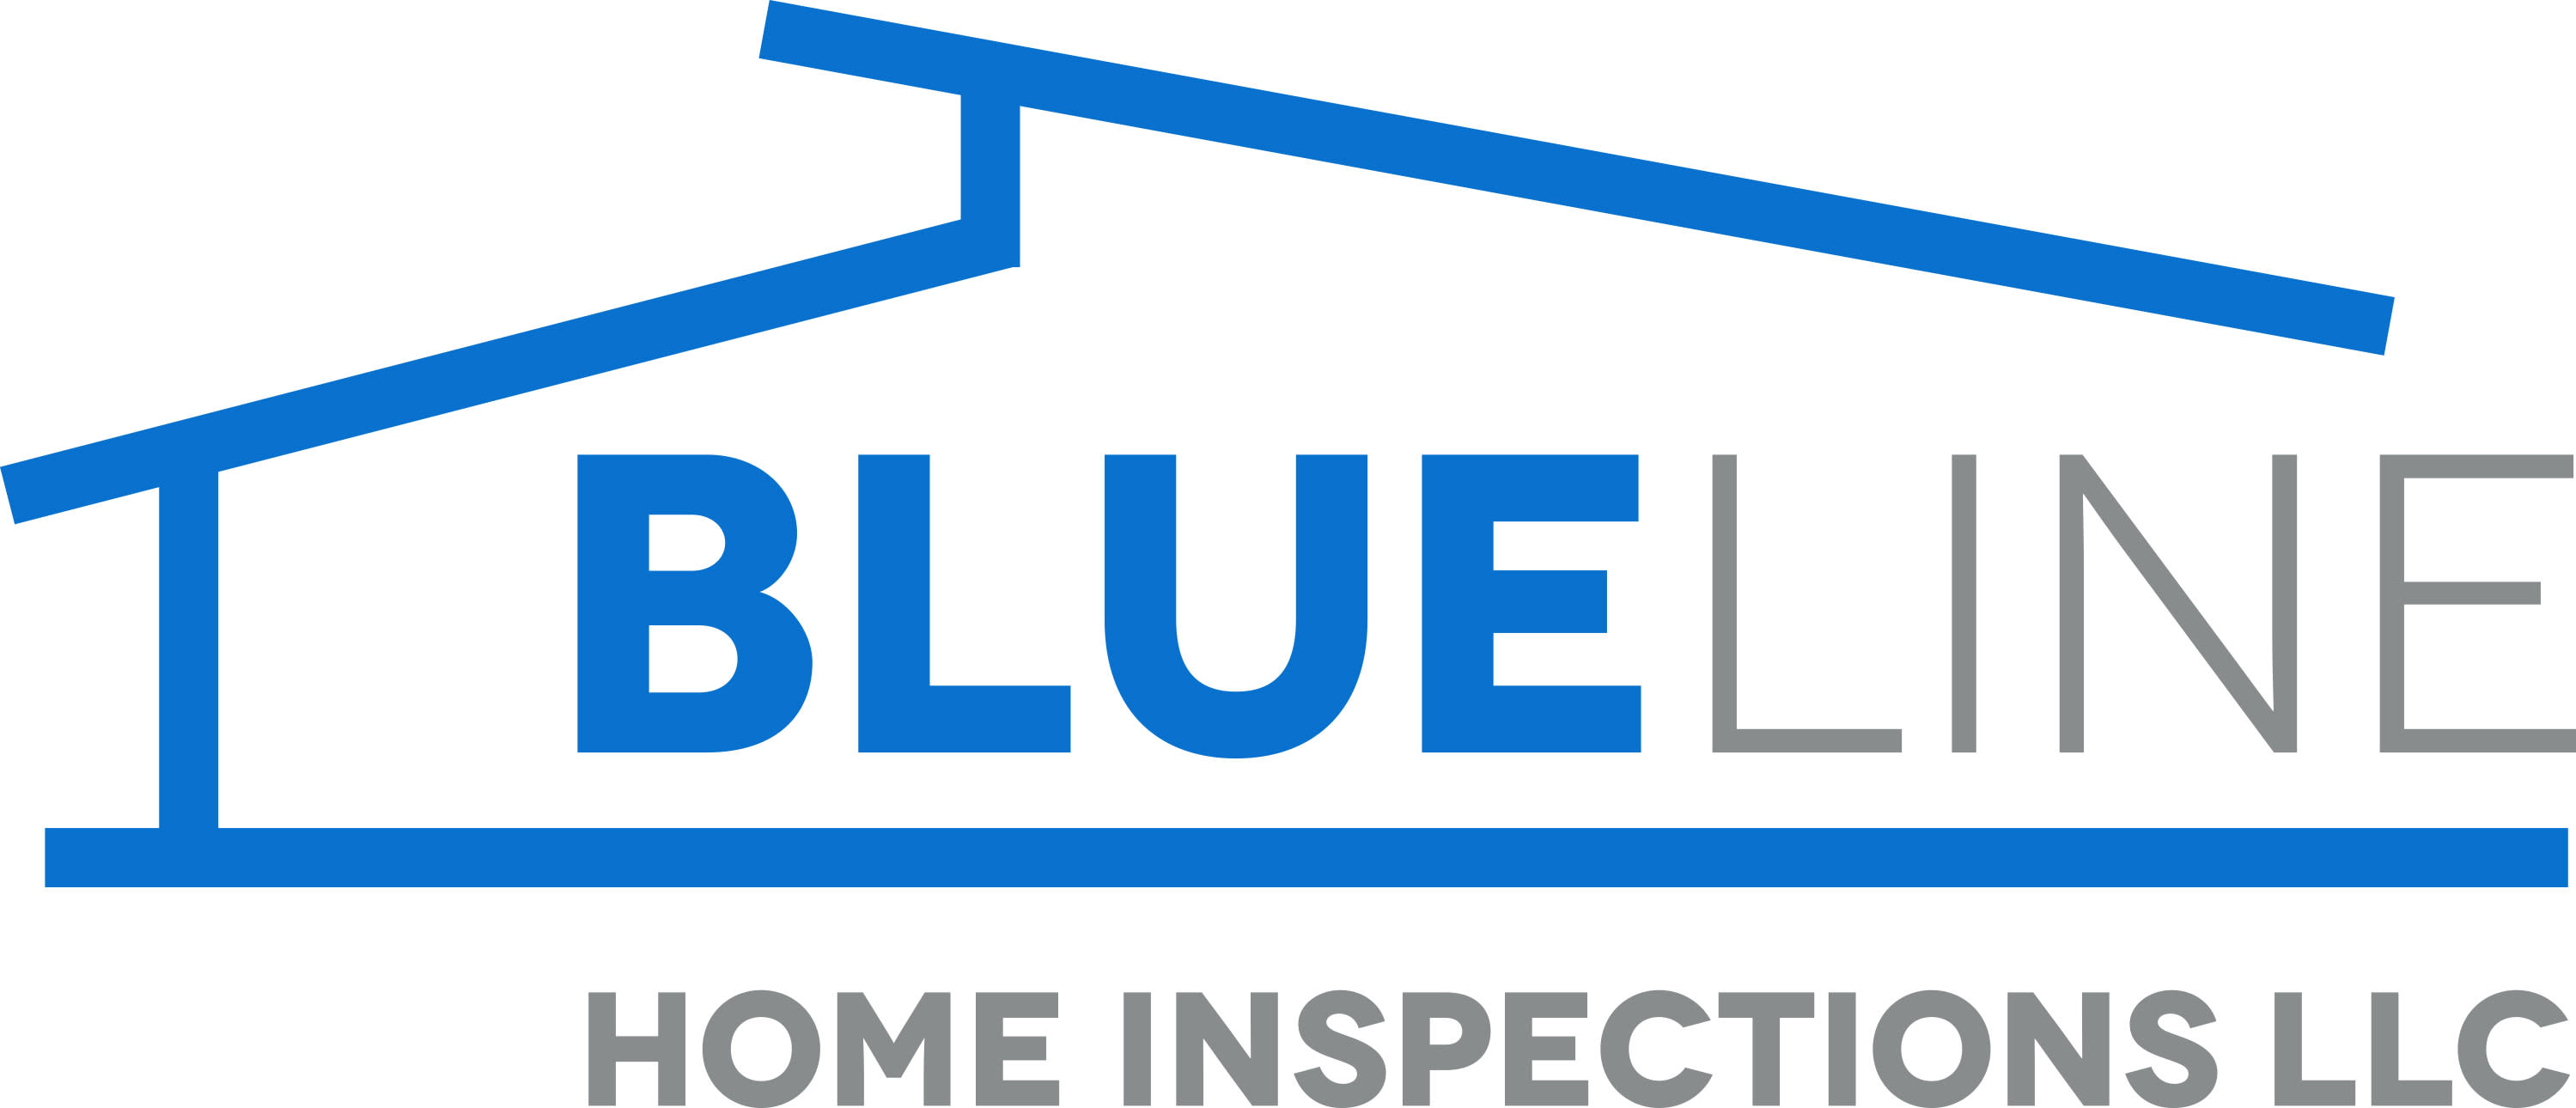 www.Inspections.BLUE